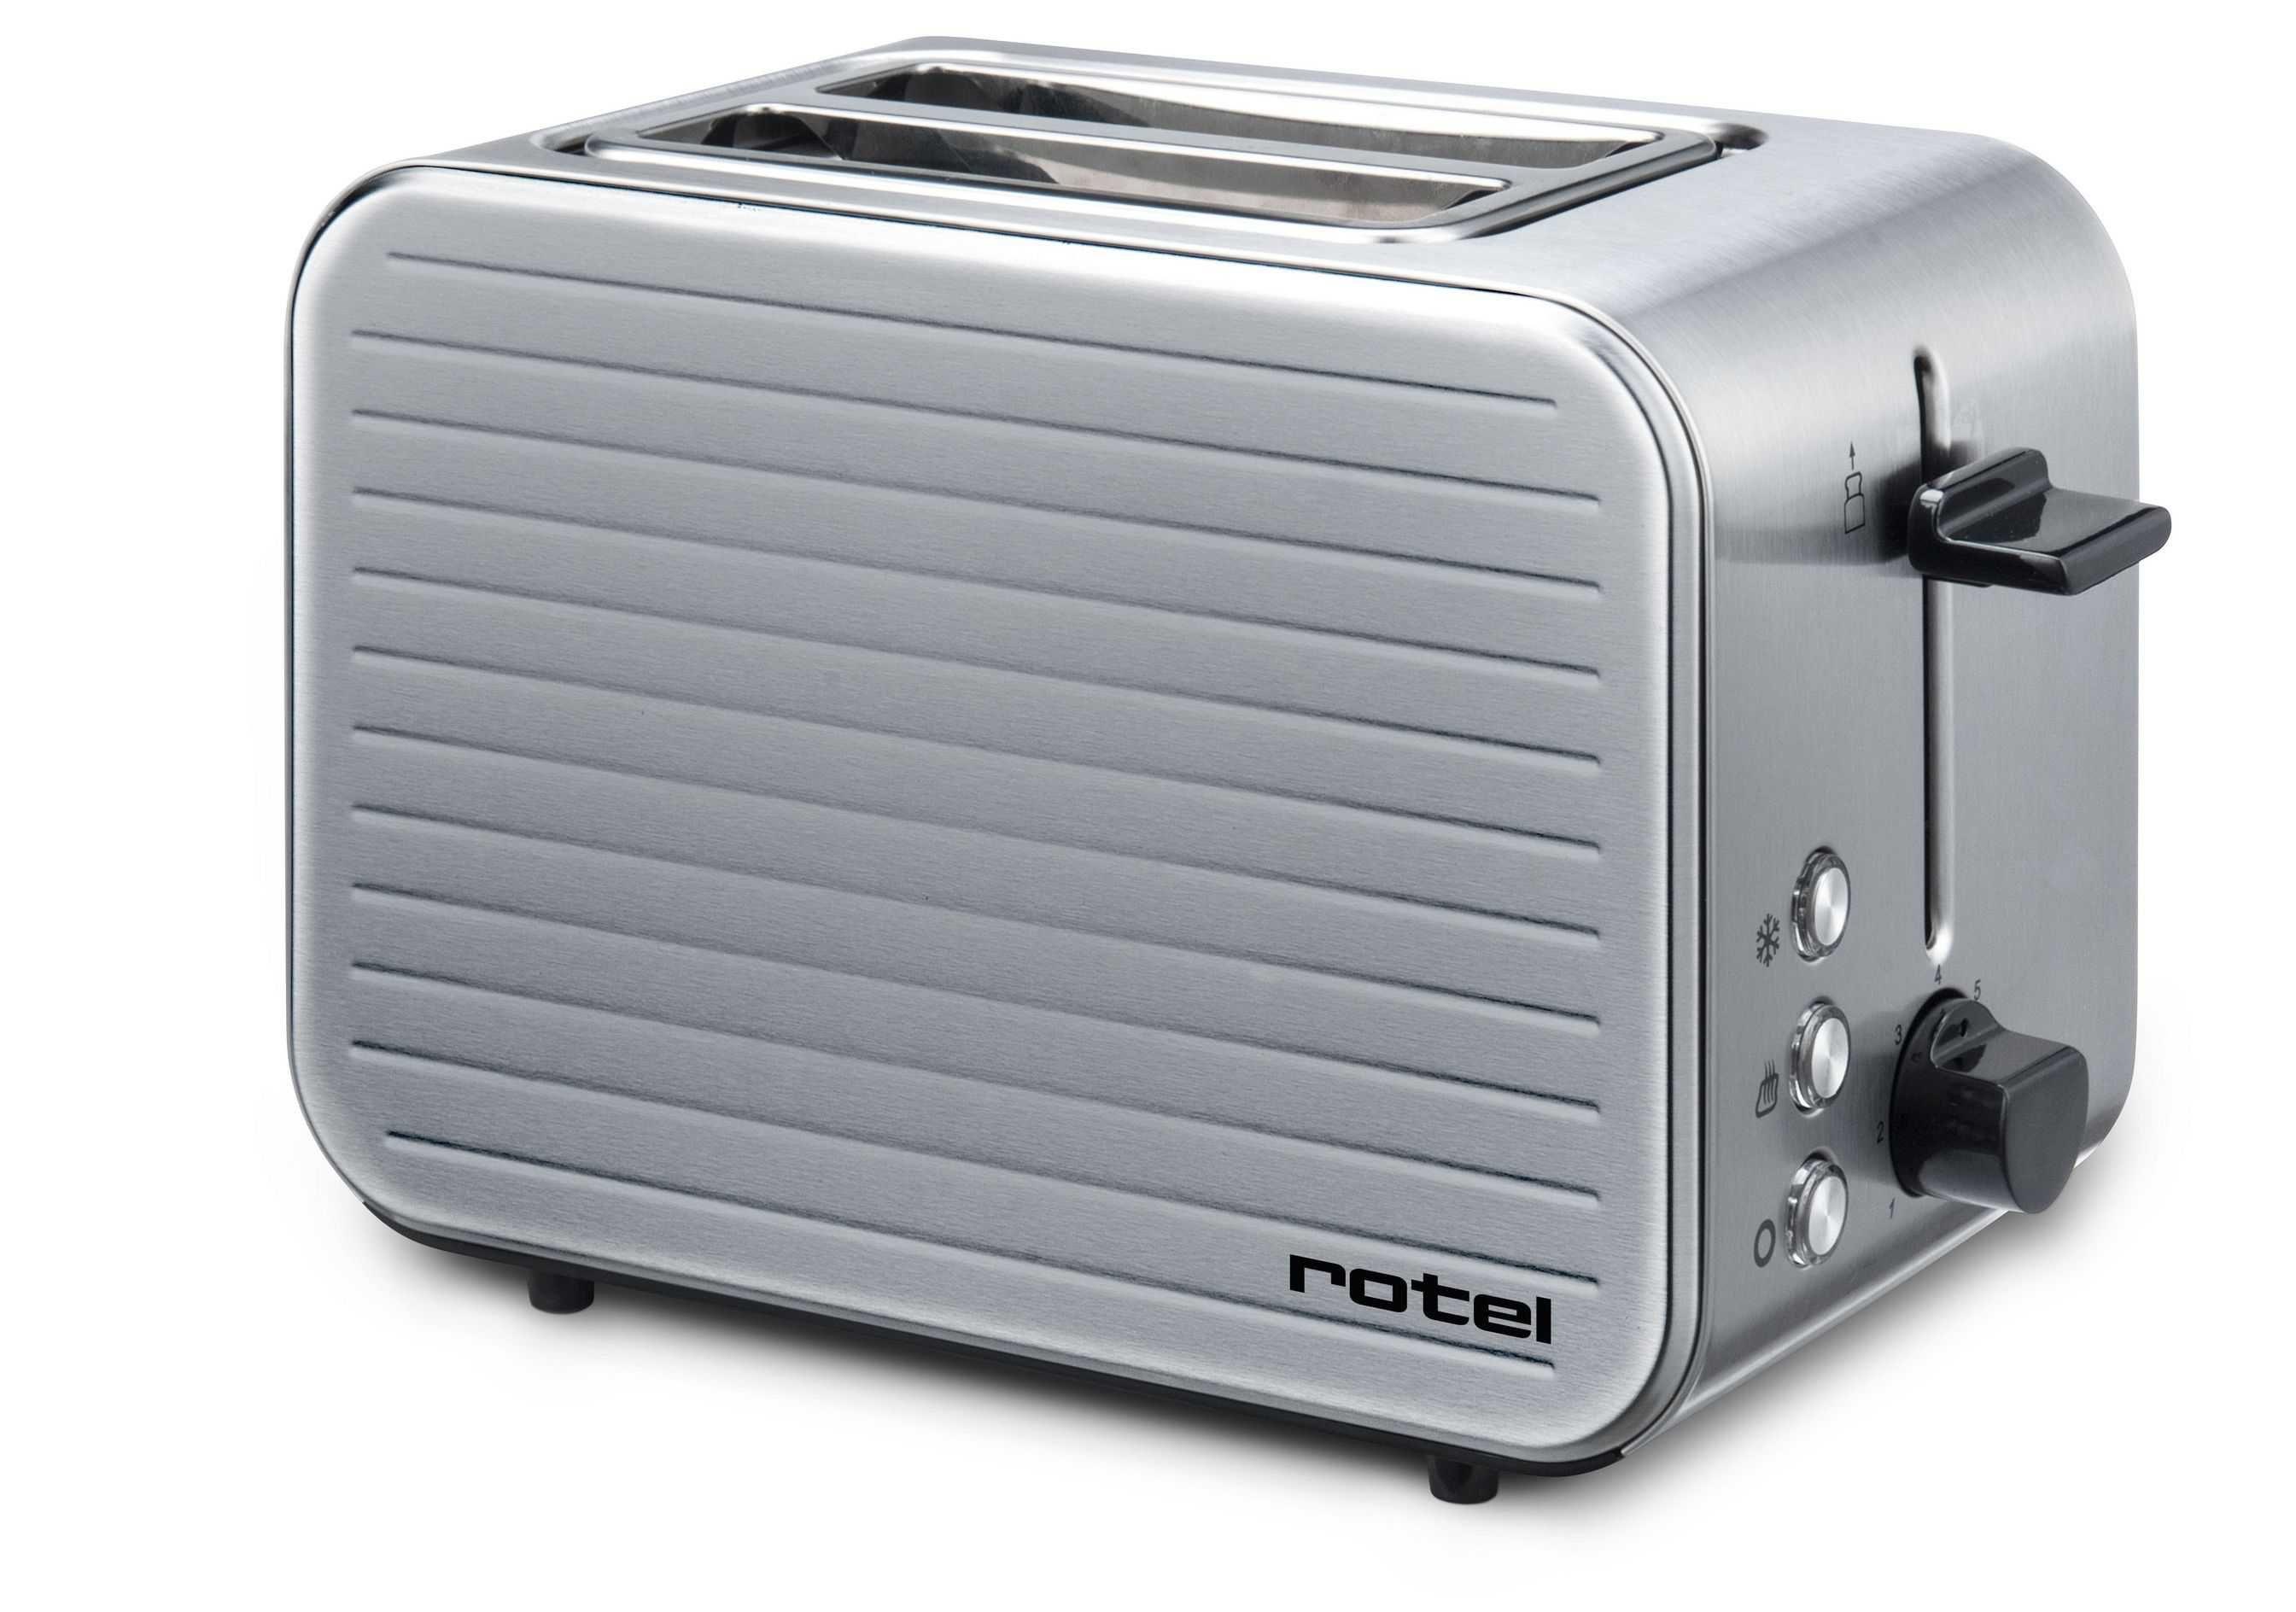 Rotel Toaster Chrome Silber günstig kaufen Zürich Genf